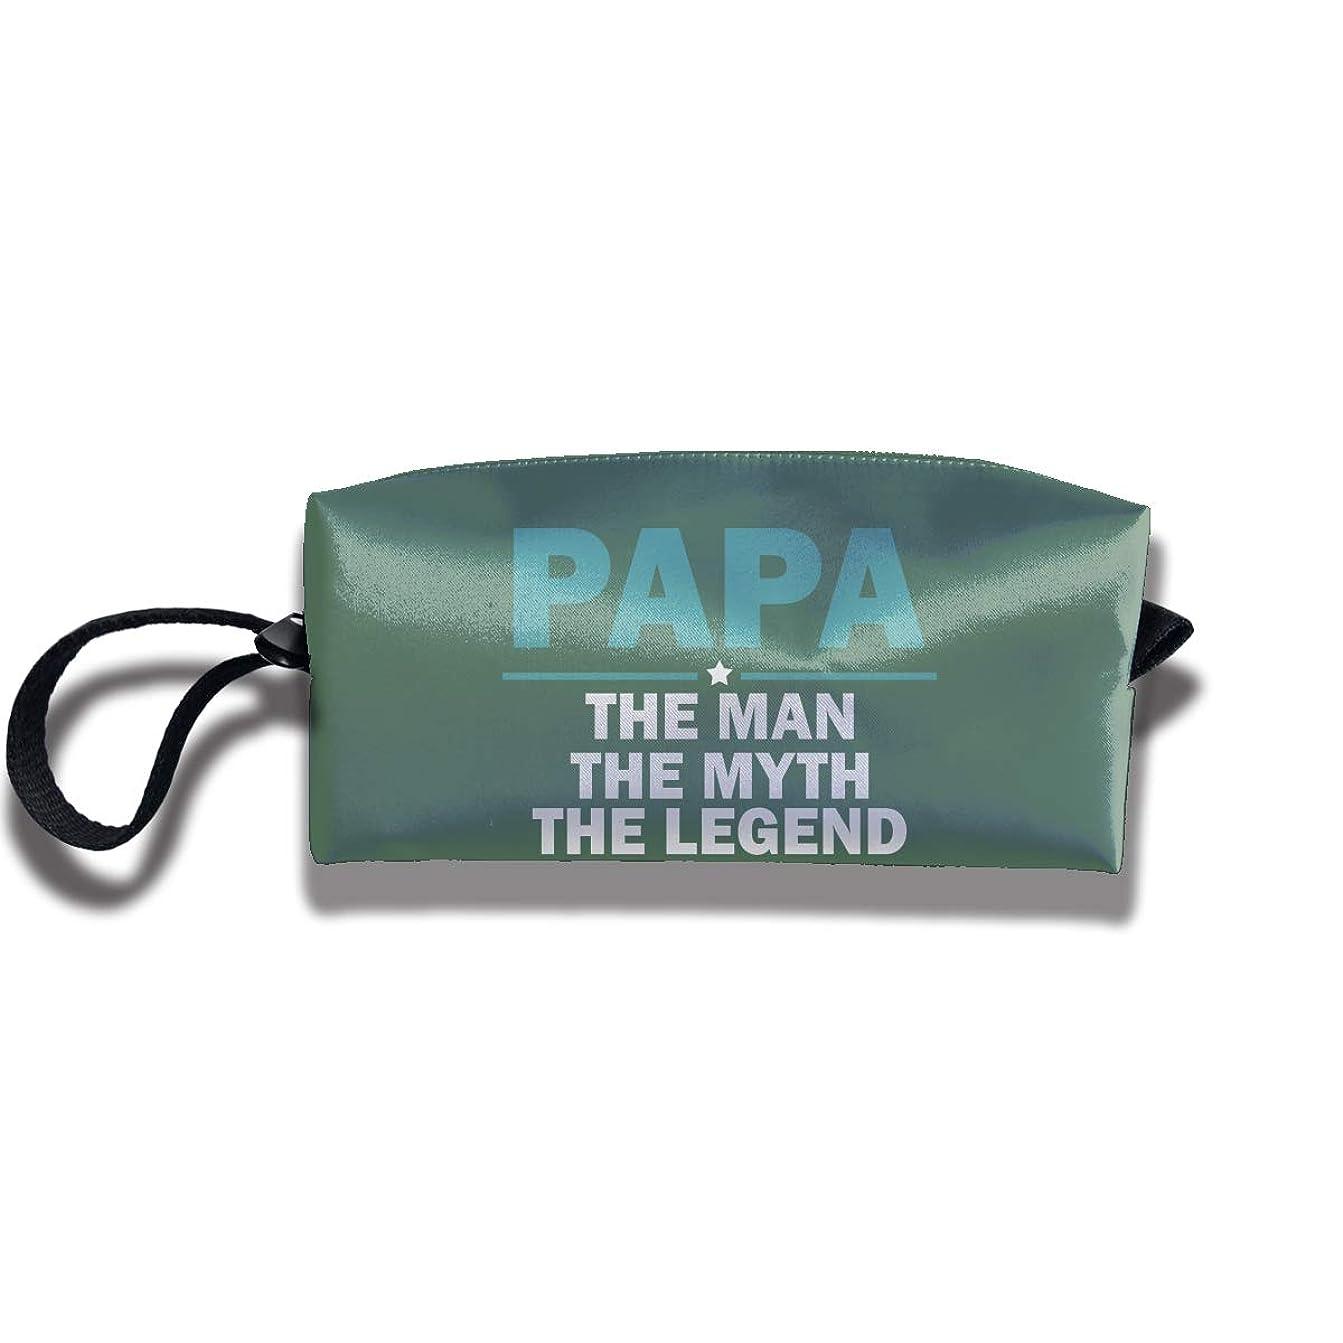 クレーター計り知れないレンジペンケース文房具バッグ大容量ペンケース化粧品袋収納袋男の子と女の子多機能浴室シャワーバッグ旅行ポータブルストレージバッグ